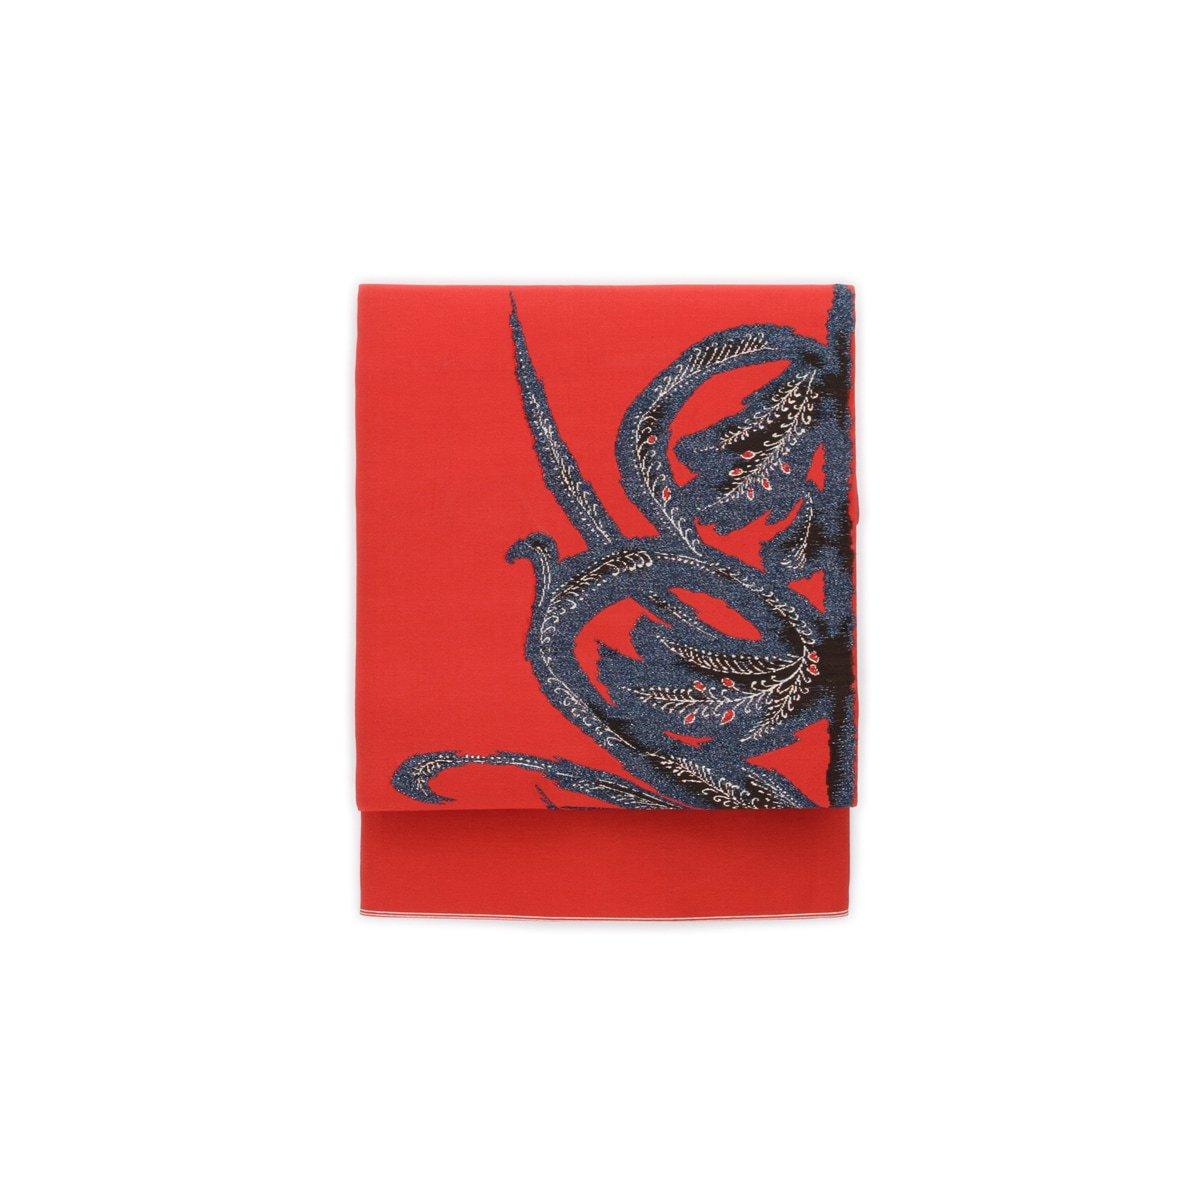 「セミアンティーク ラメの葉」の商品画像